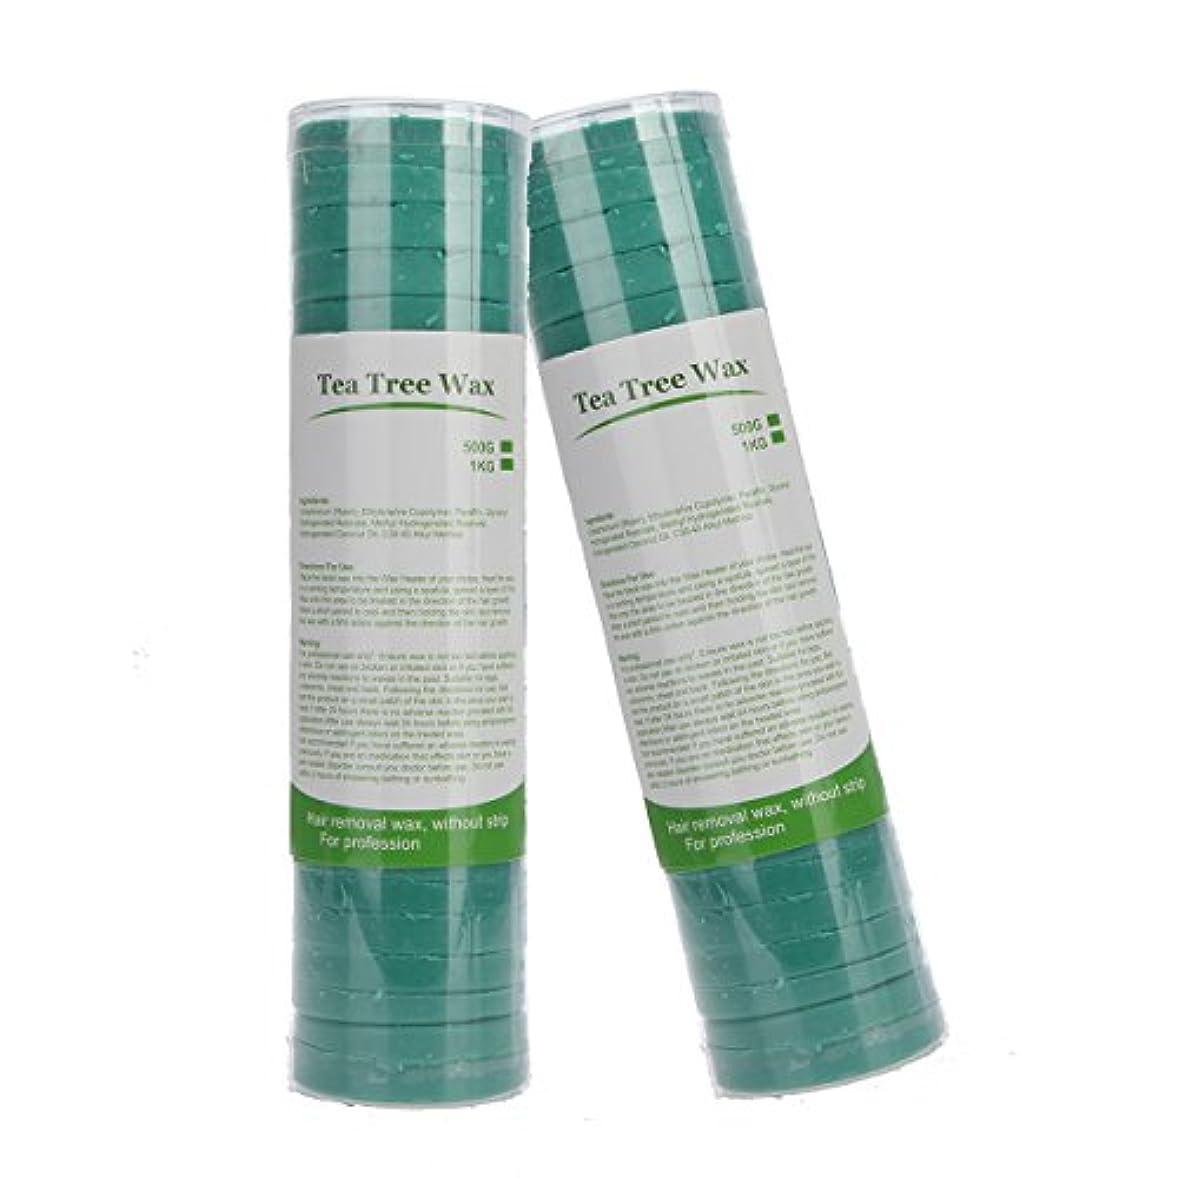 ディーラー誇張する複数(アーニェメイ)Bonjanvye 脱毛 ワックス ハード 500g 2缶 ブラジリアンワックス ハードタイプ ワックス脱毛 キット-グリーンティーとグリーンティー